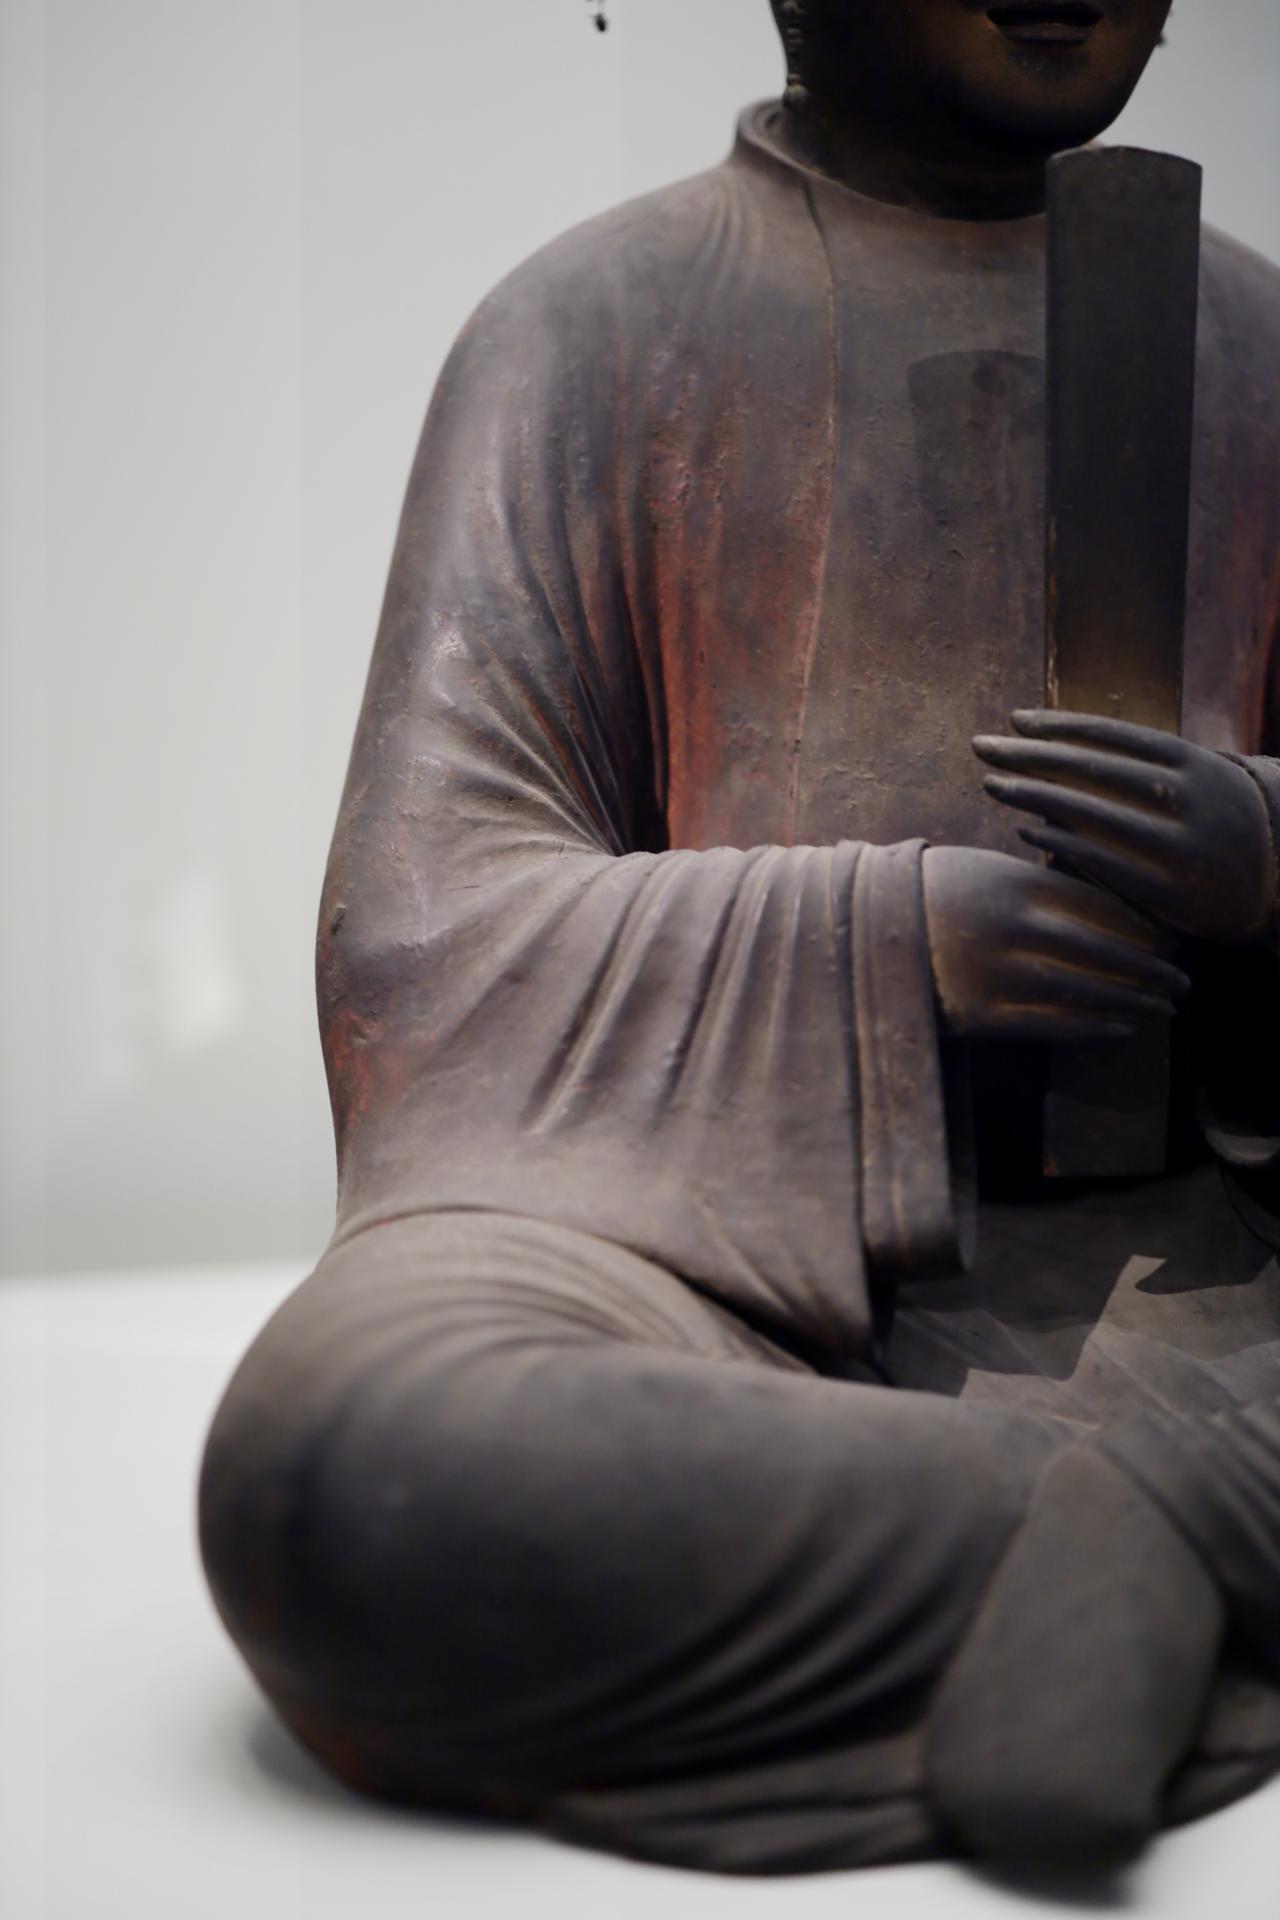 画像3: 聖徳太子坐像 平安時代 保安2(1121)年 奈良・法隆寺(聖霊院安置・秘仏) 国宝 部分